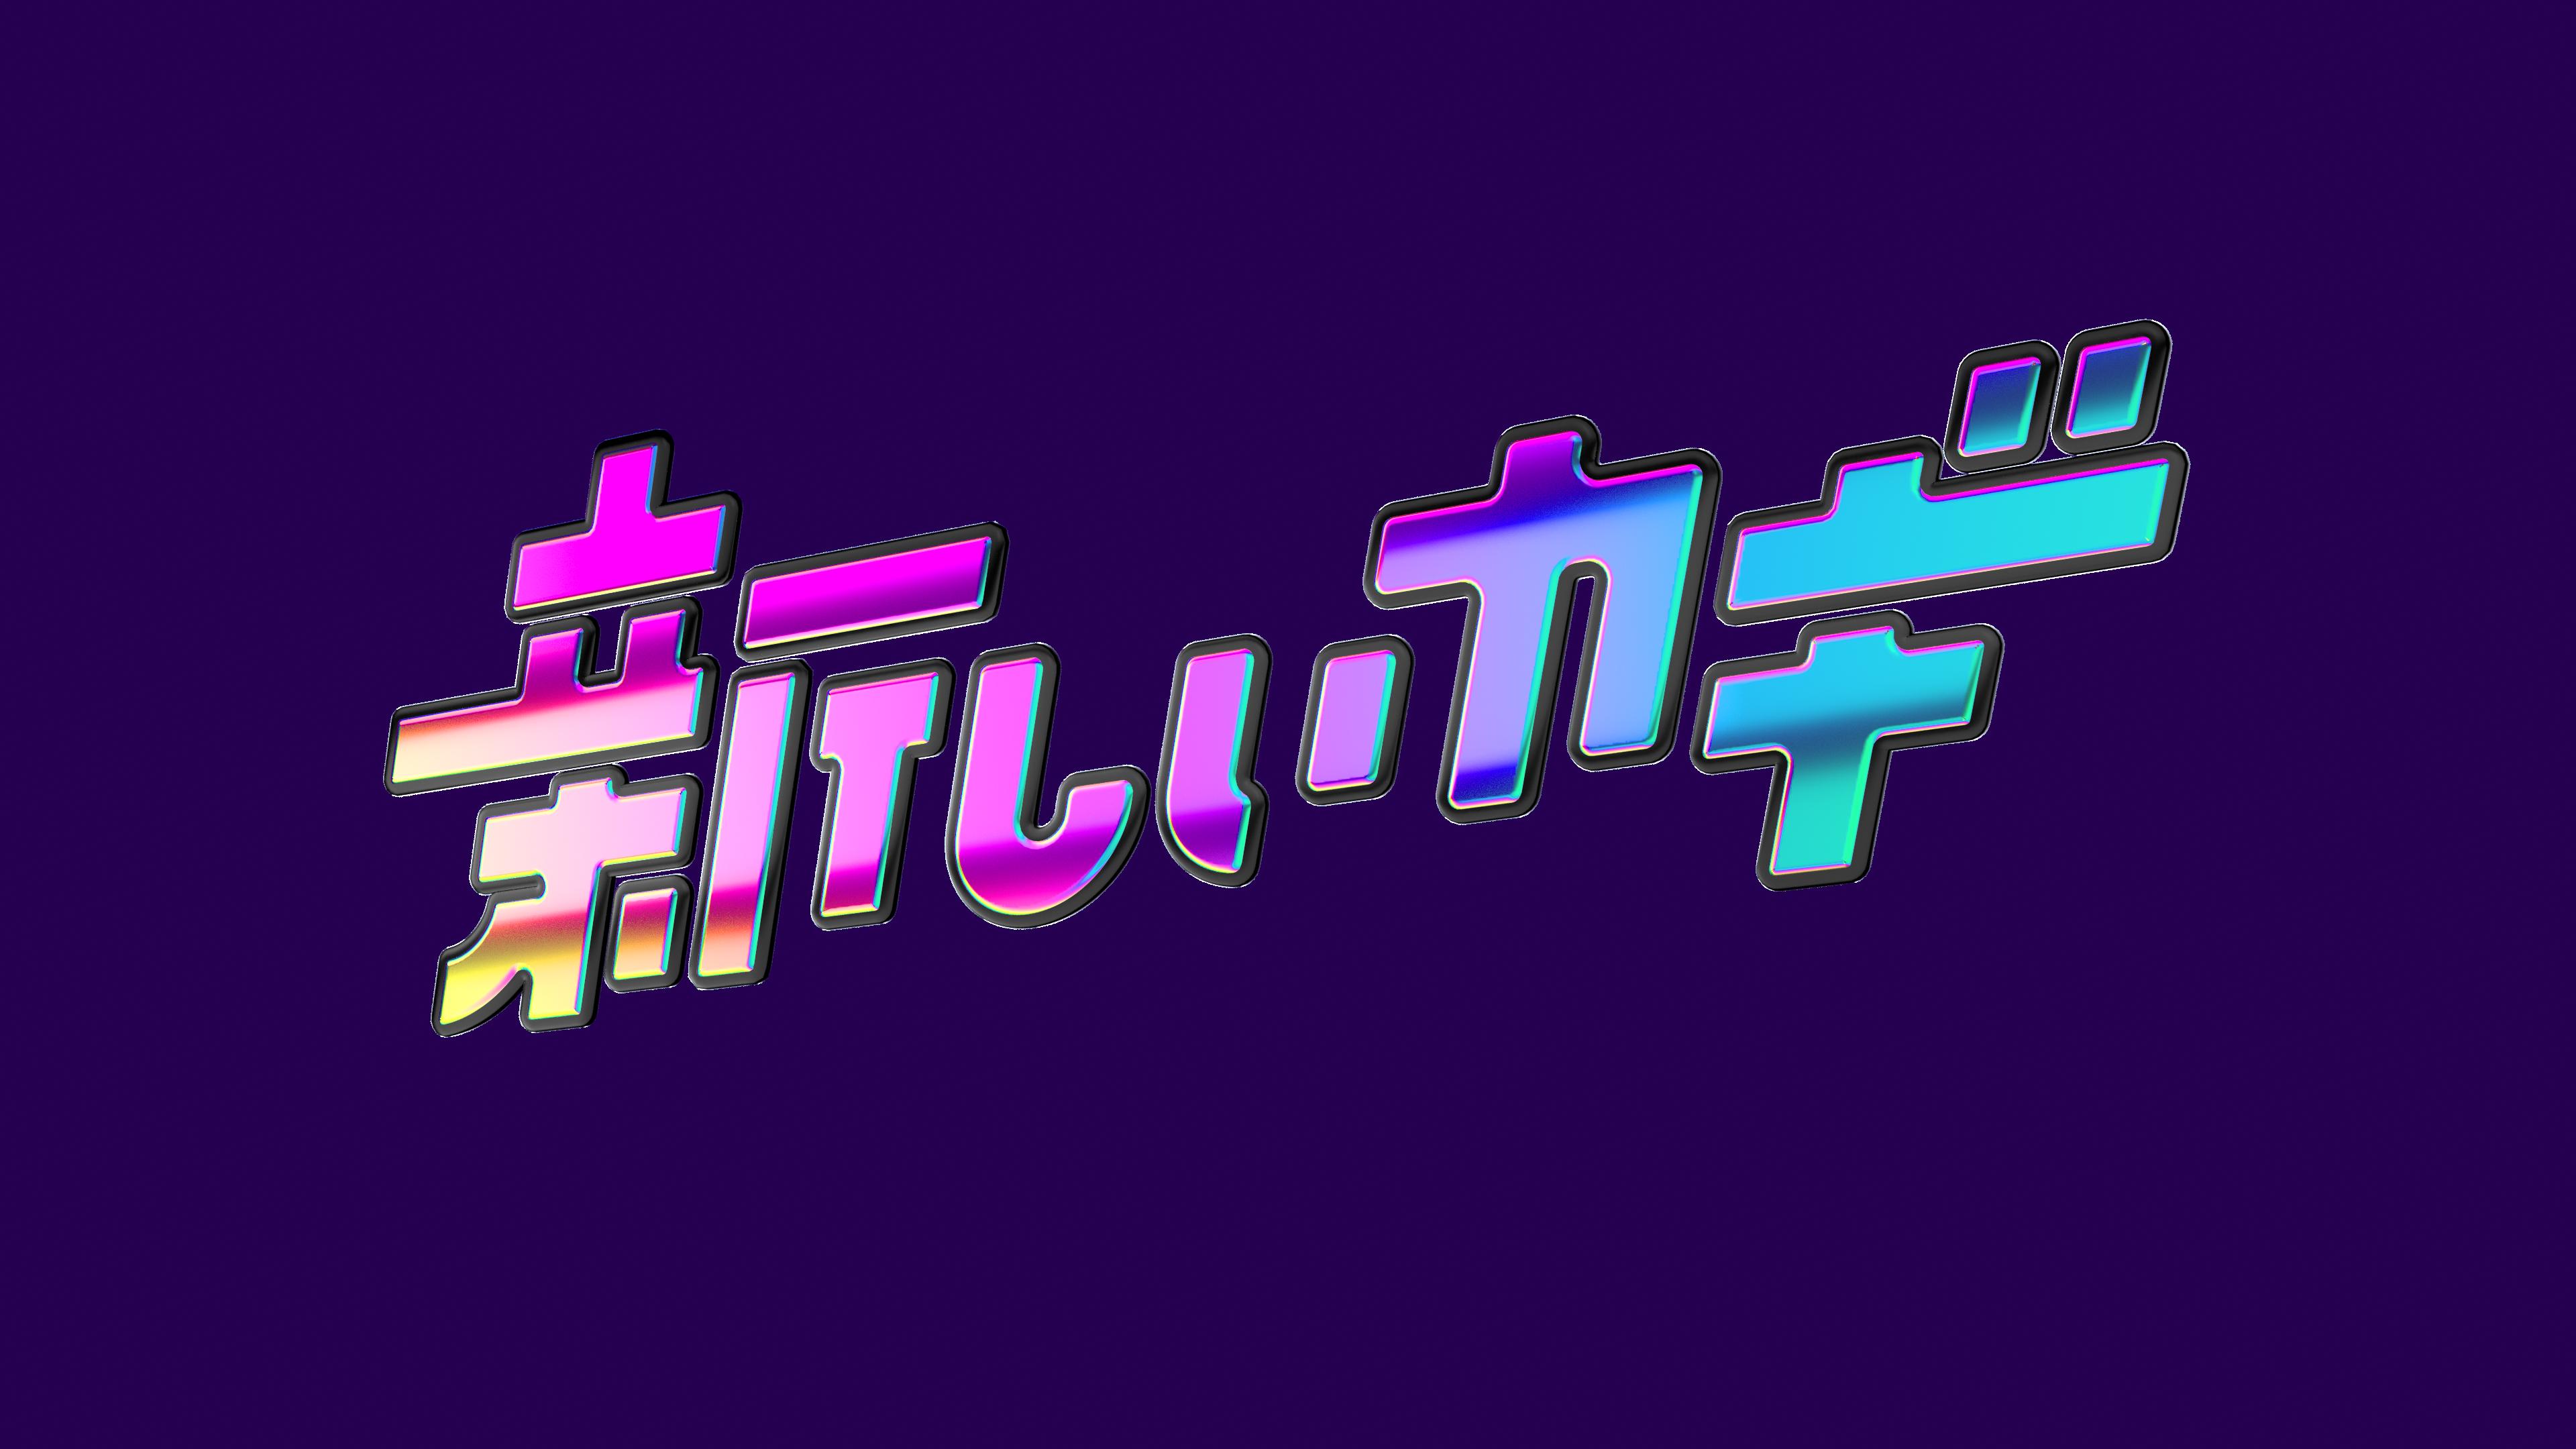 6月25日(金)「新しいカギ」2時間スペシャル放送!